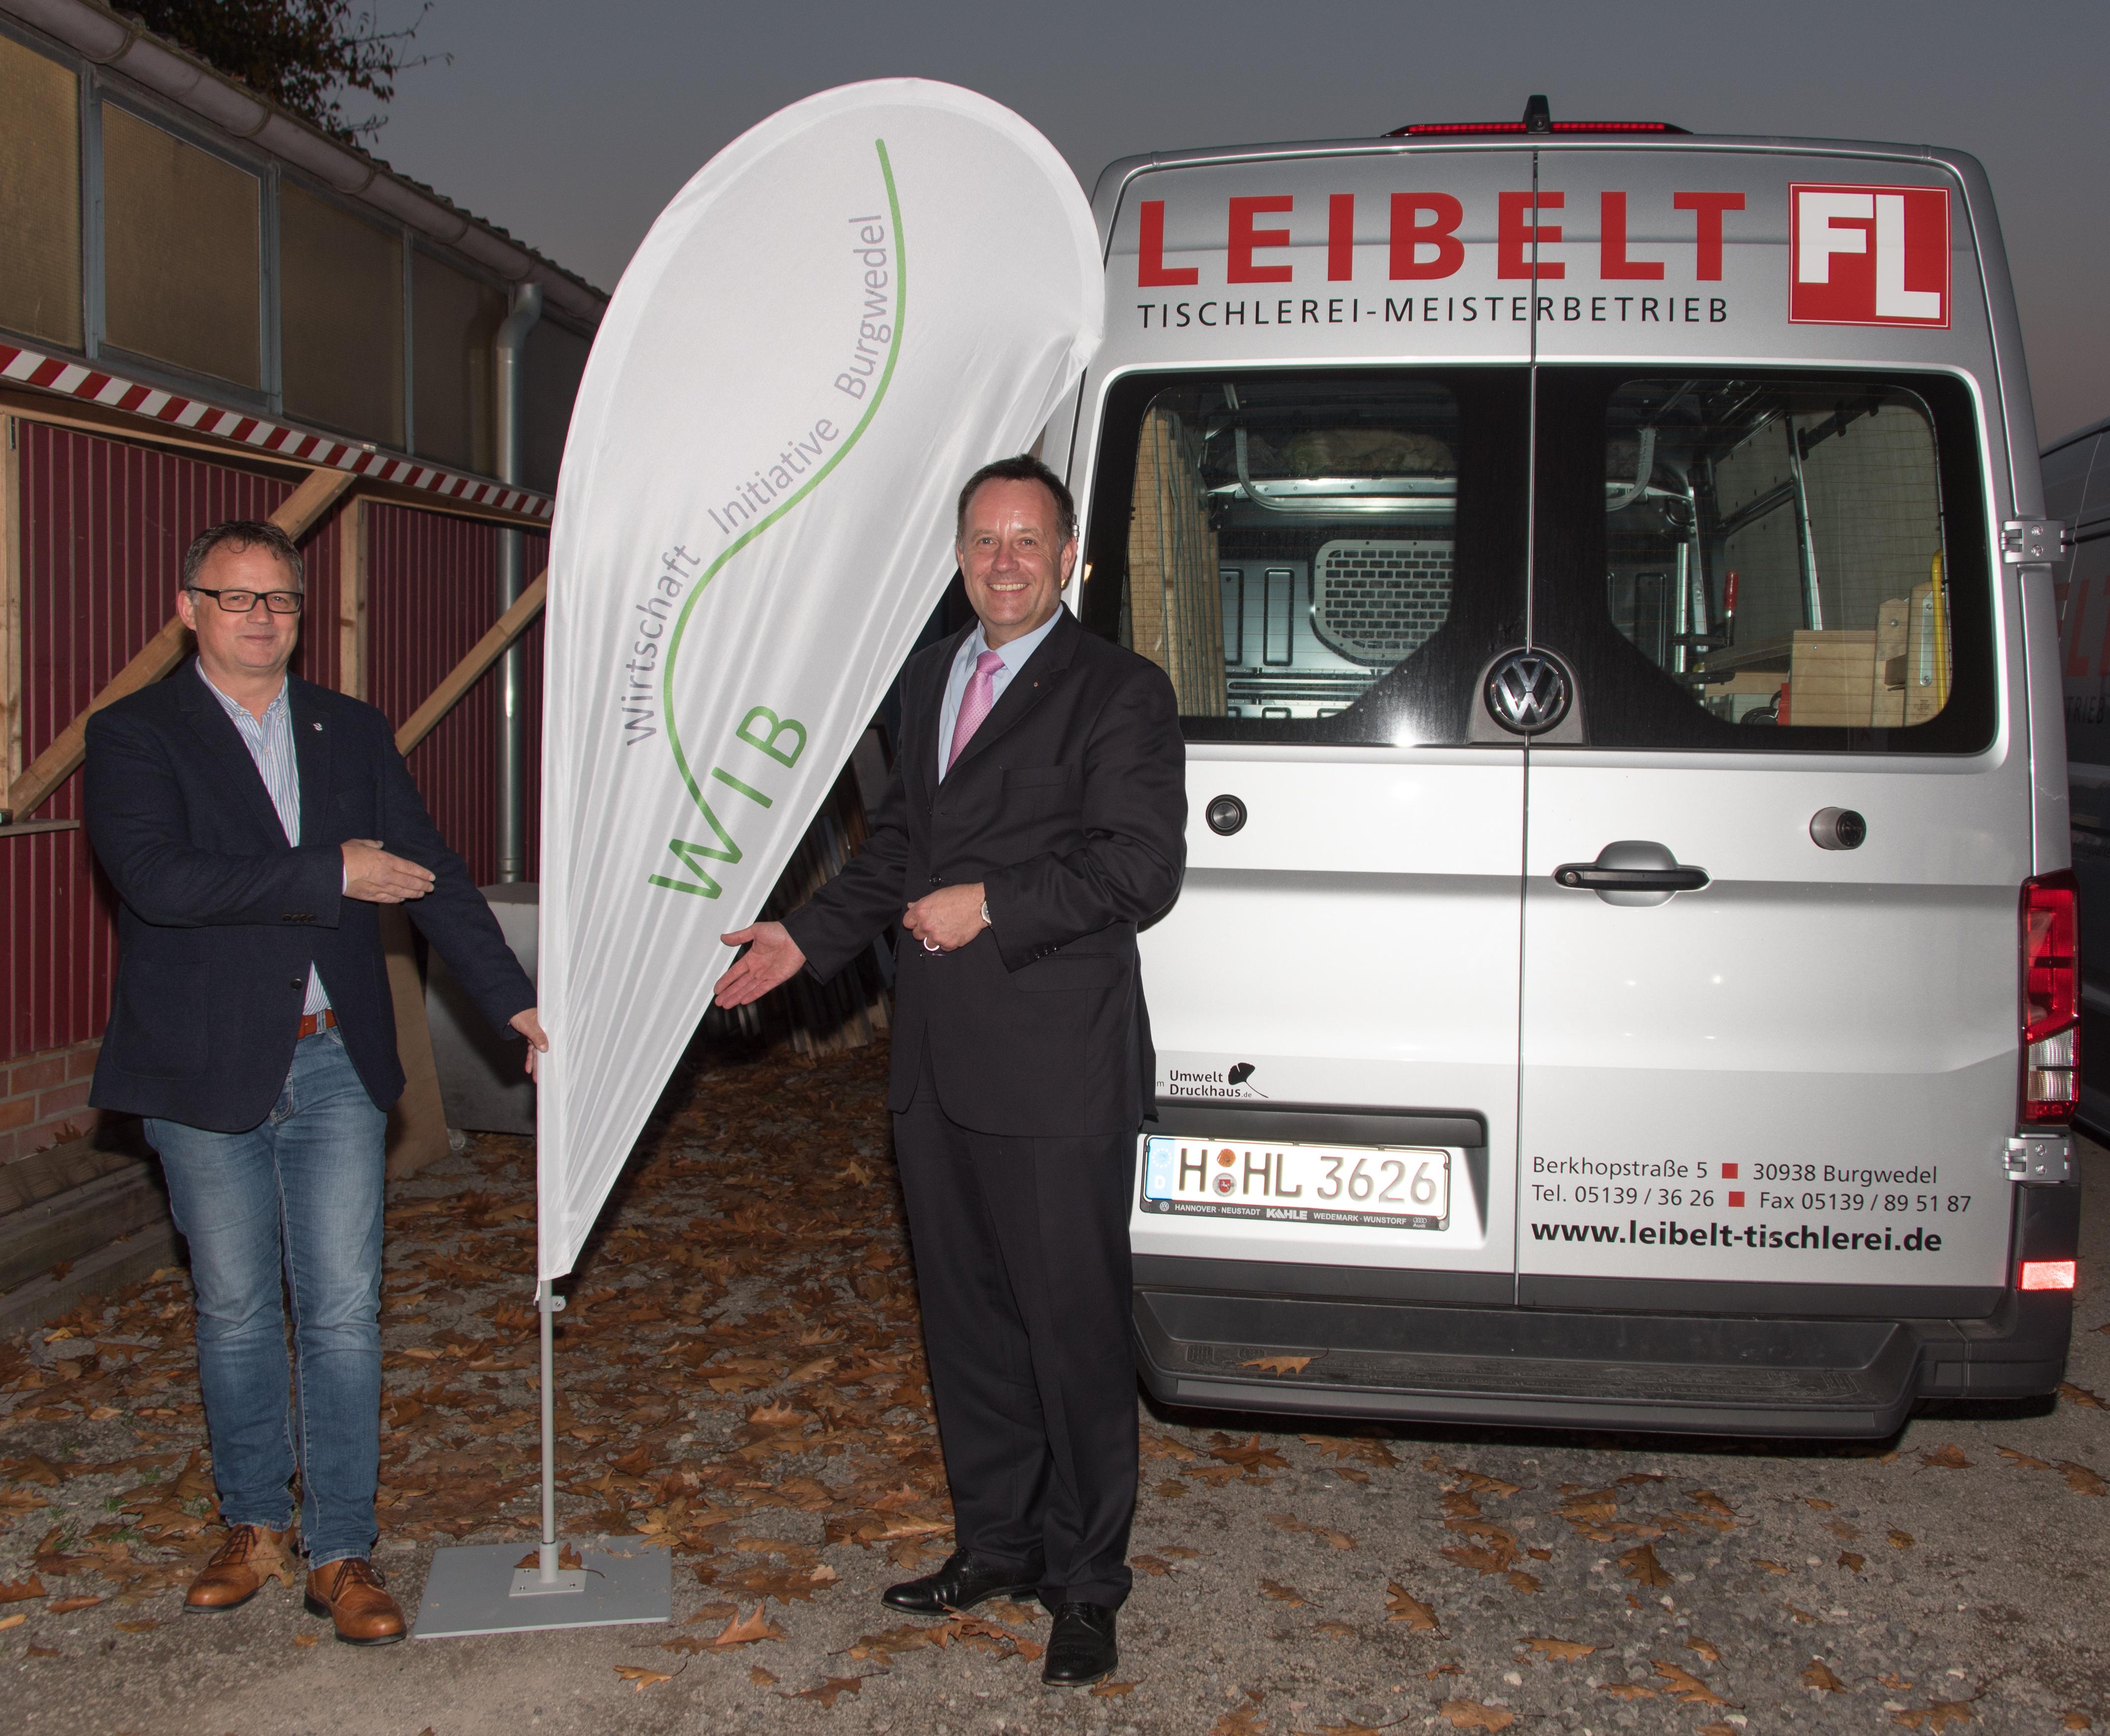 Frank Leibelt überreicht Dirk Breuckmann den WIB Beachflag